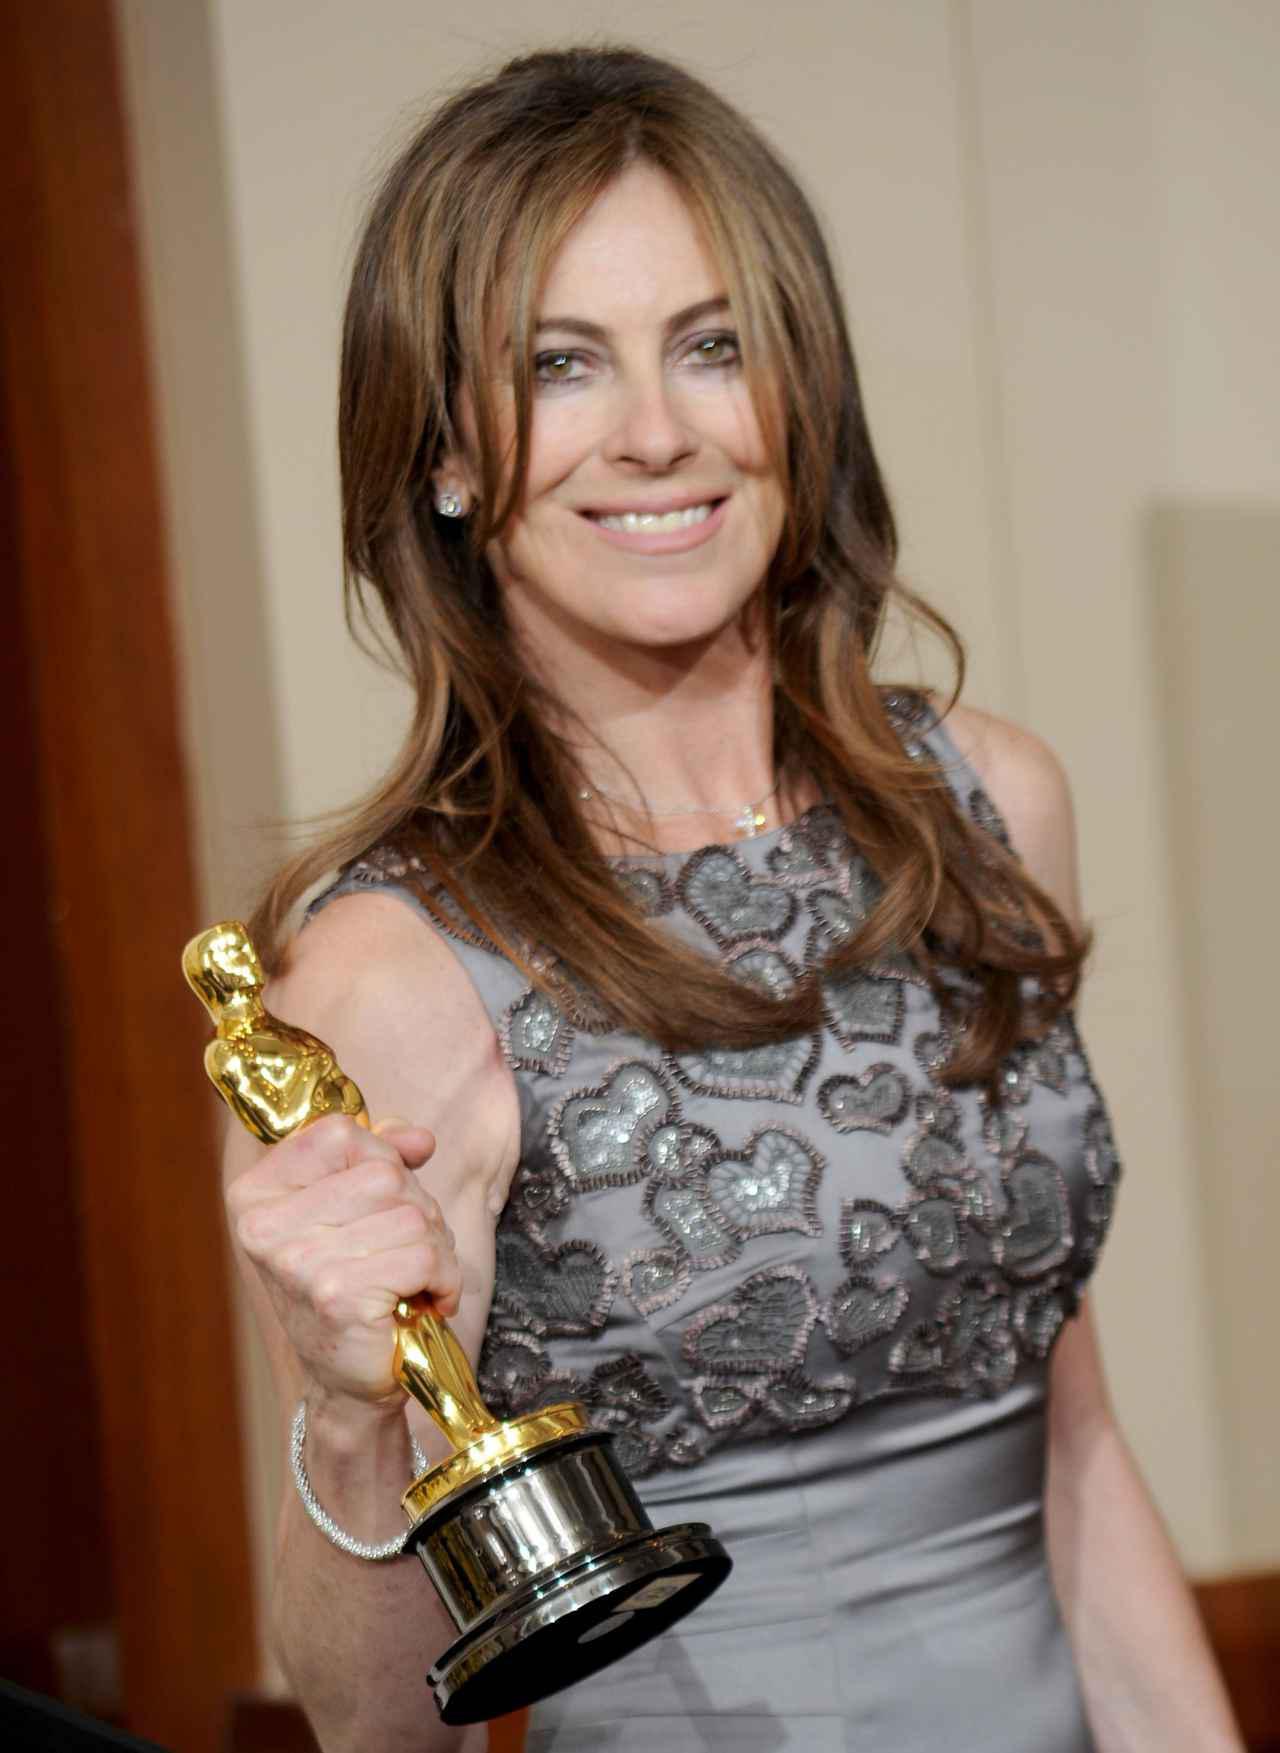 画像: 女性監督で唯一アカデミー賞の監督賞を受賞した映画『ハート・ロッカー』のキャスリン・ビグロー。